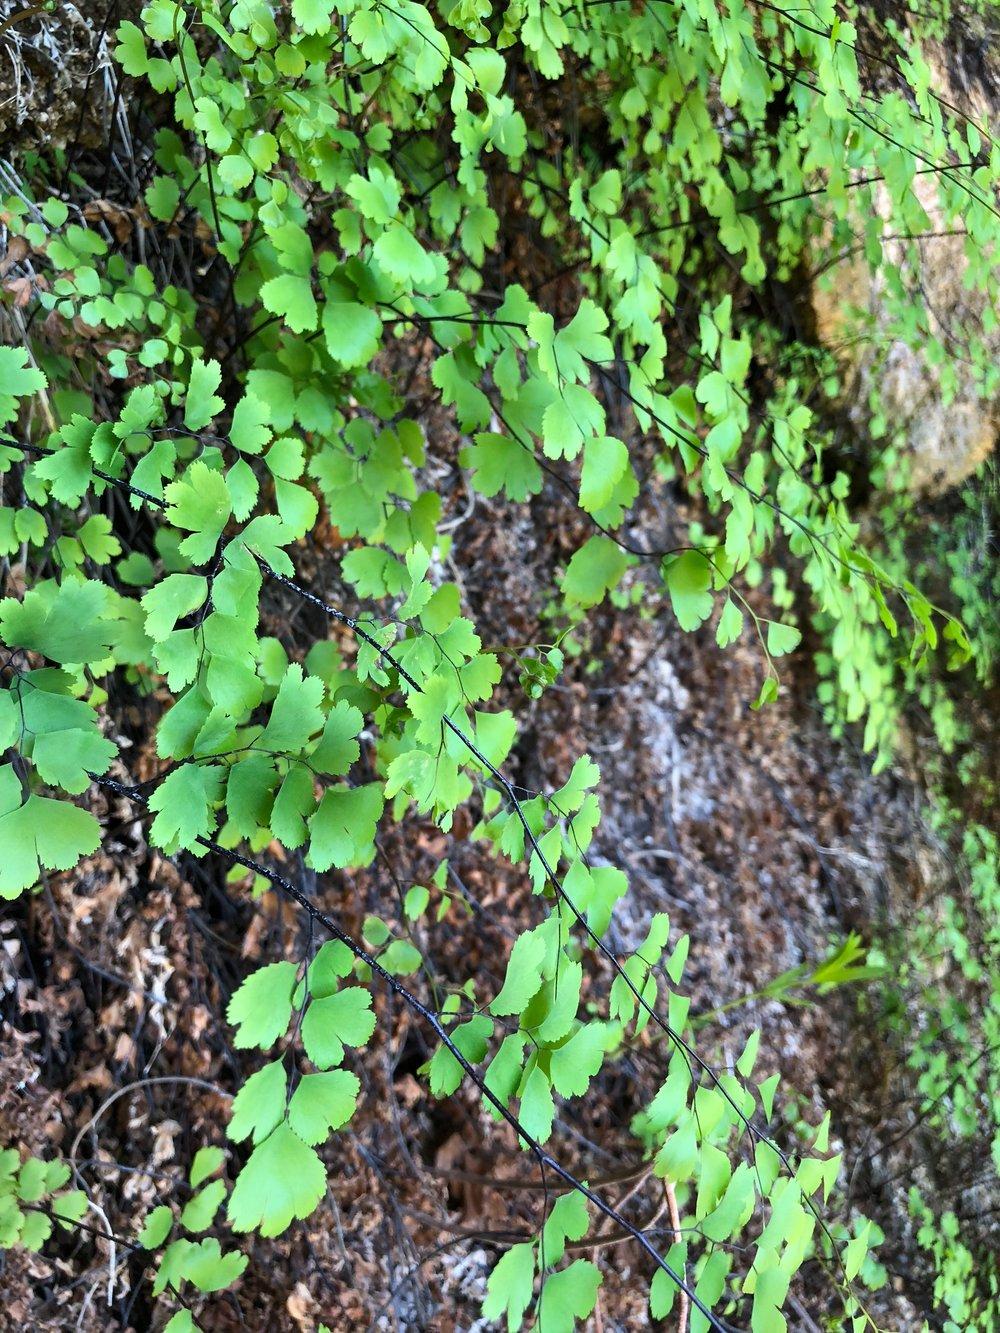 Adiantum capillus-veneris, Maidenhair Fern